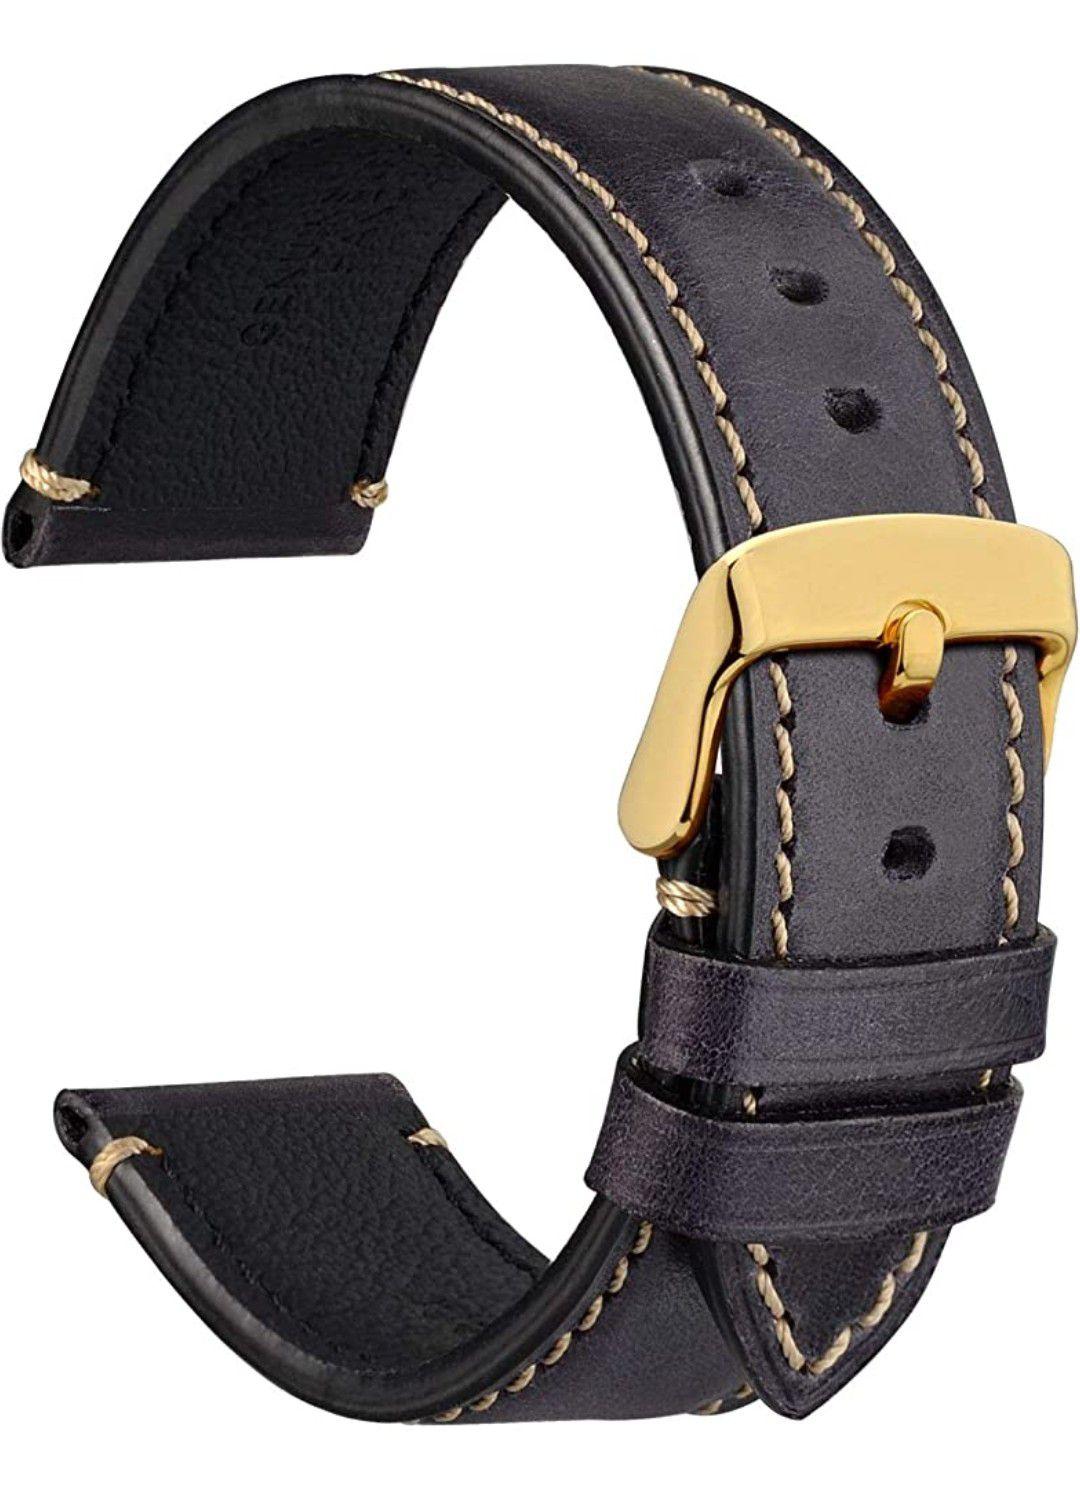 Bracelets montre WOCCI 18/20/24mm - Tailles et couleurs au choix mais limitées (Via coupon - Vendeur tiers)